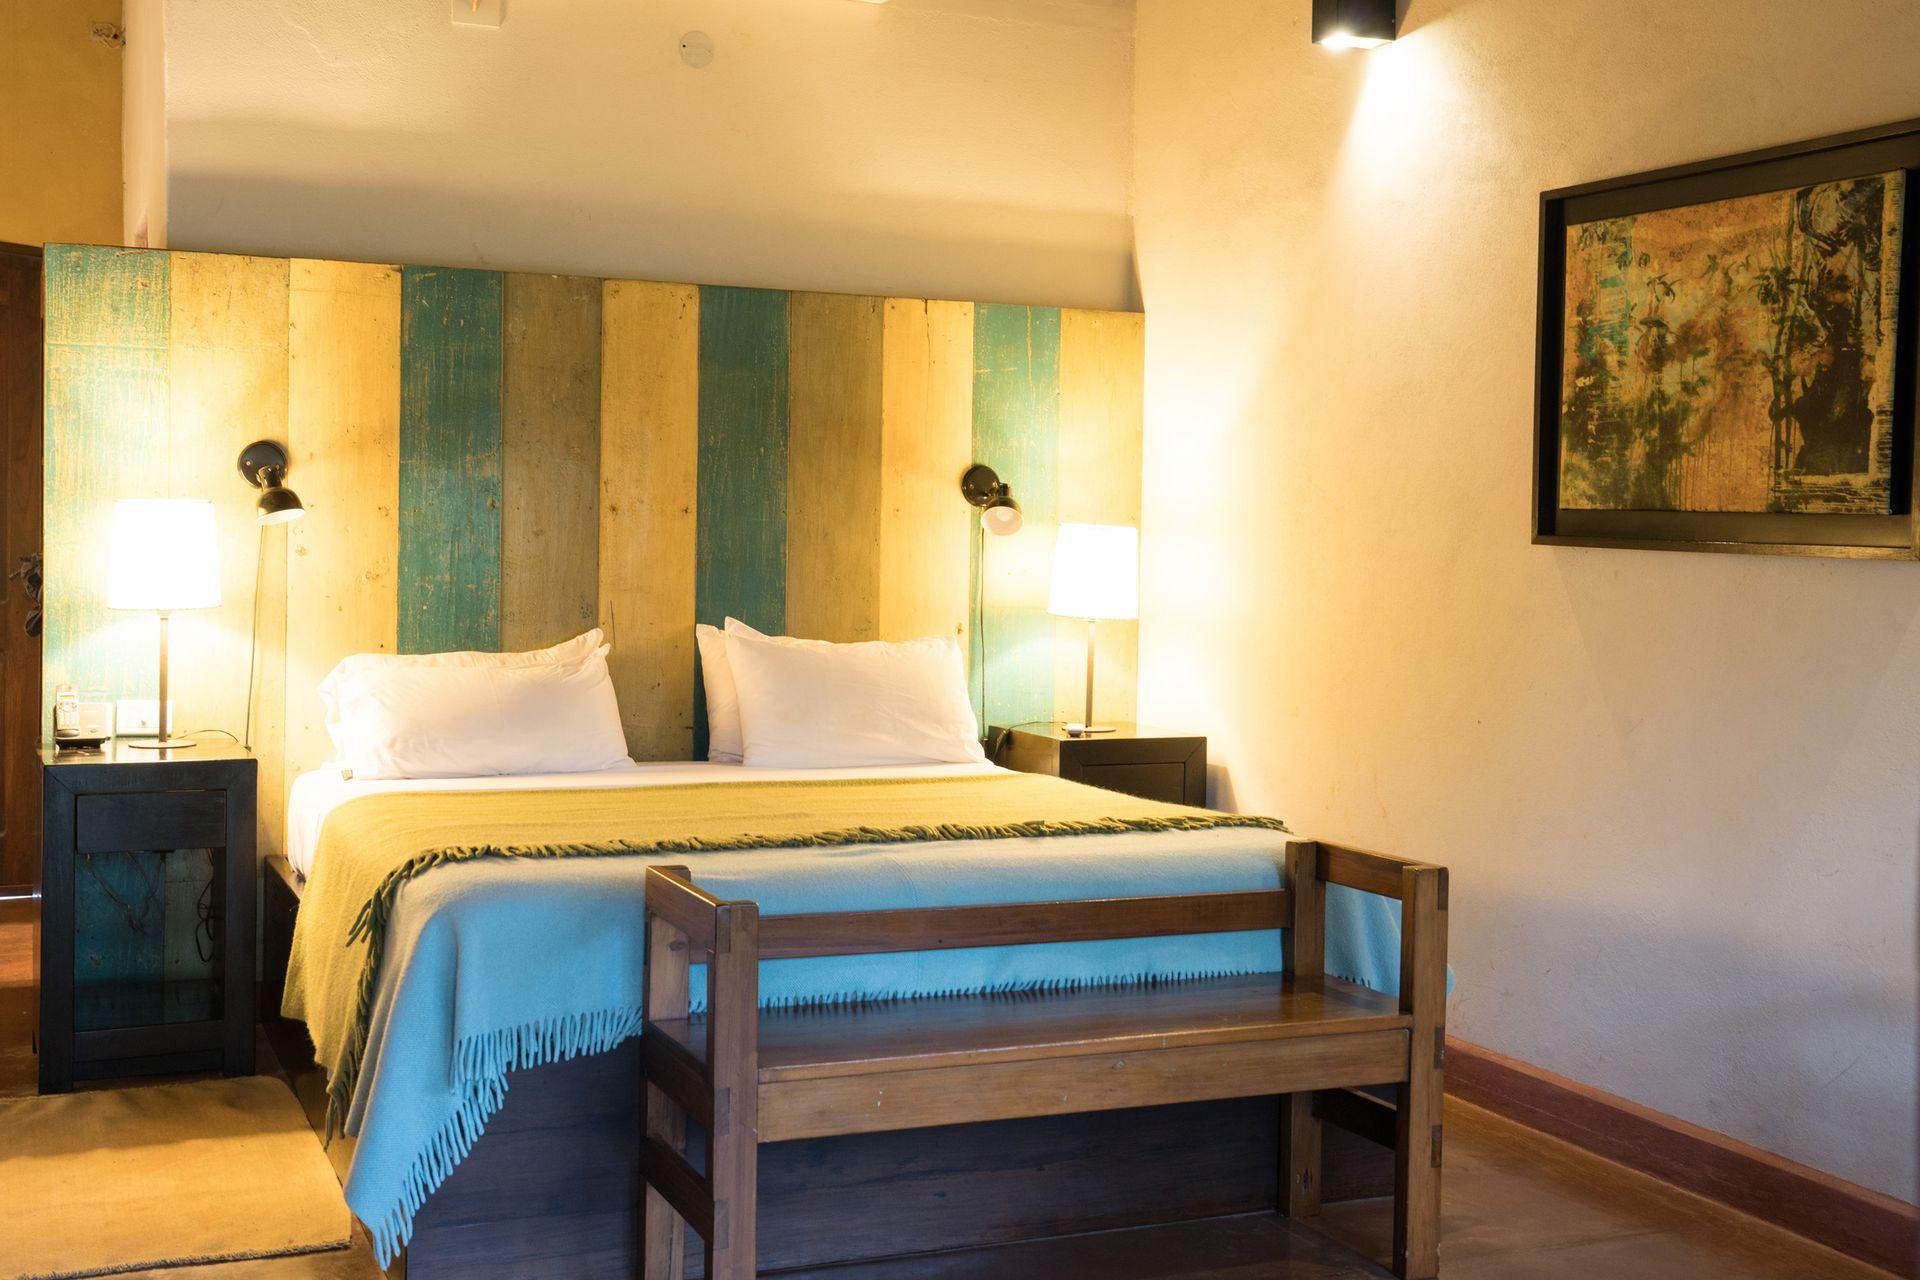 Las habitaciones de Puerto Bemberg son confortables y muy alegres.